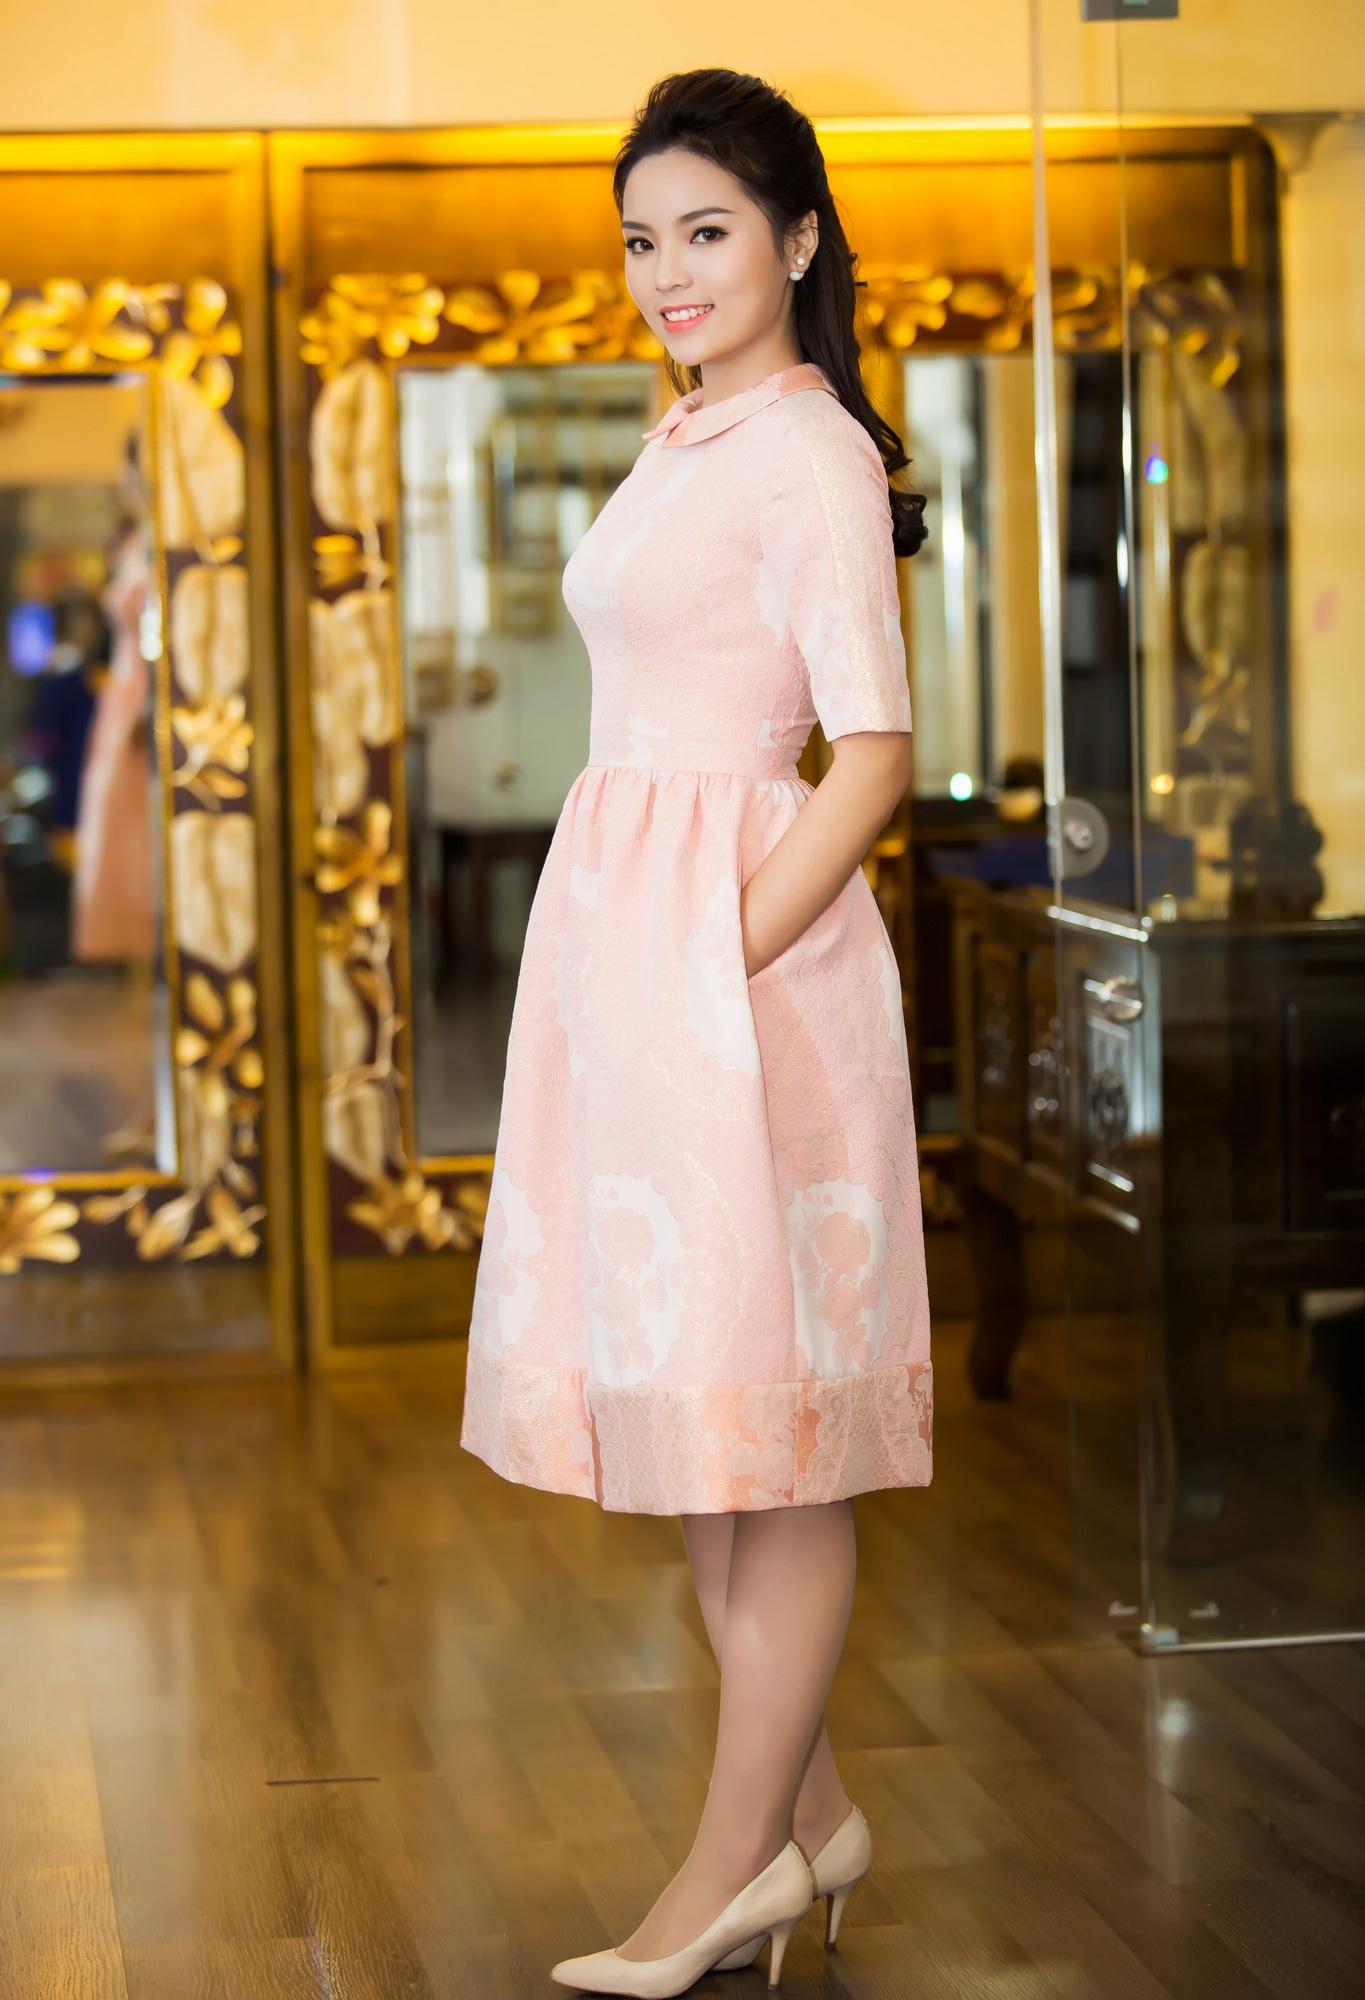 Tân hoa hậu được tư vấn chọn chiếc đầm với thiết kế và màu sắc đơn giản.